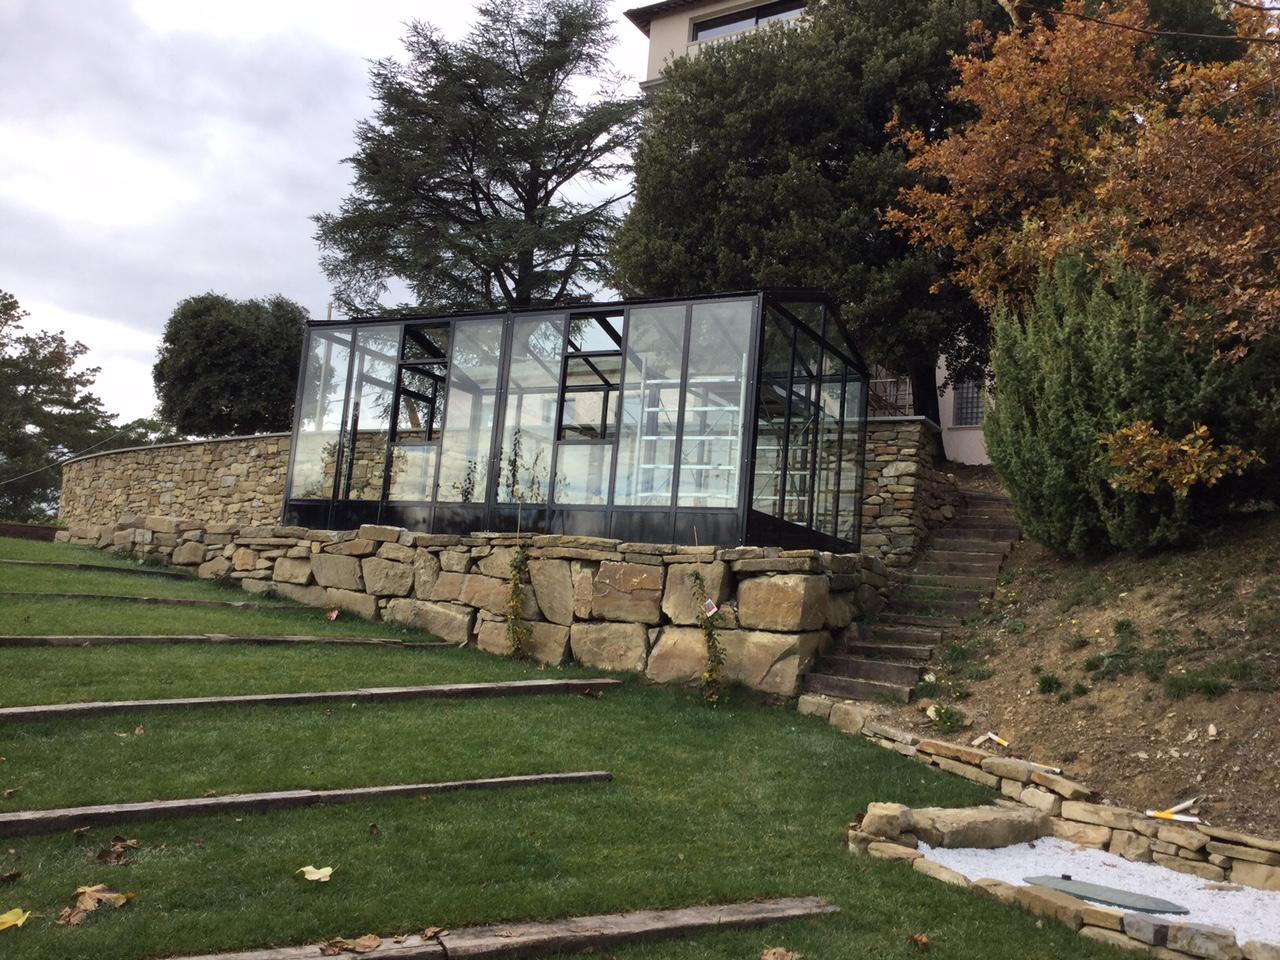 I nostri lavori giardino d 39 inverno e serra sopra il muro - Giardino d inverno permessi ...